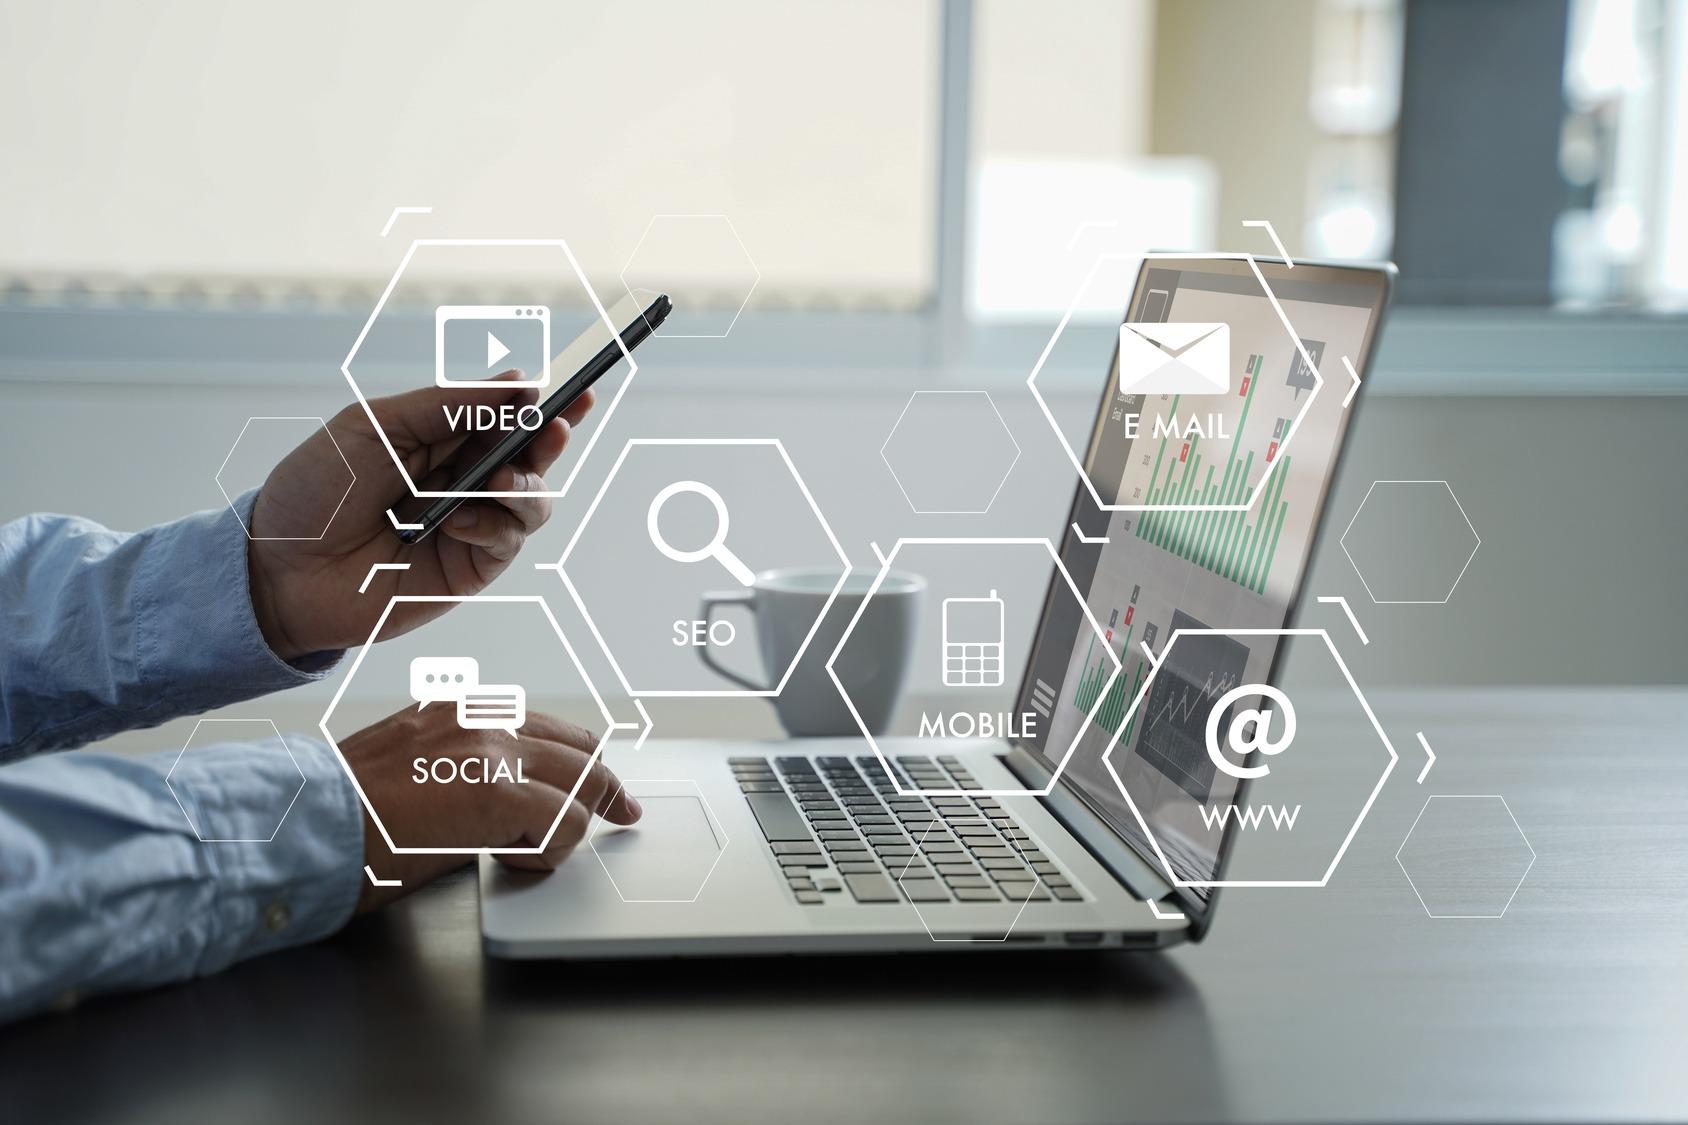 Recruiter analysiert Social Media Daten am Laptop. Im Vordergrund sind typische Interneticons zum Thema Video, SEO, Social Media, Mobile, Online und Email.